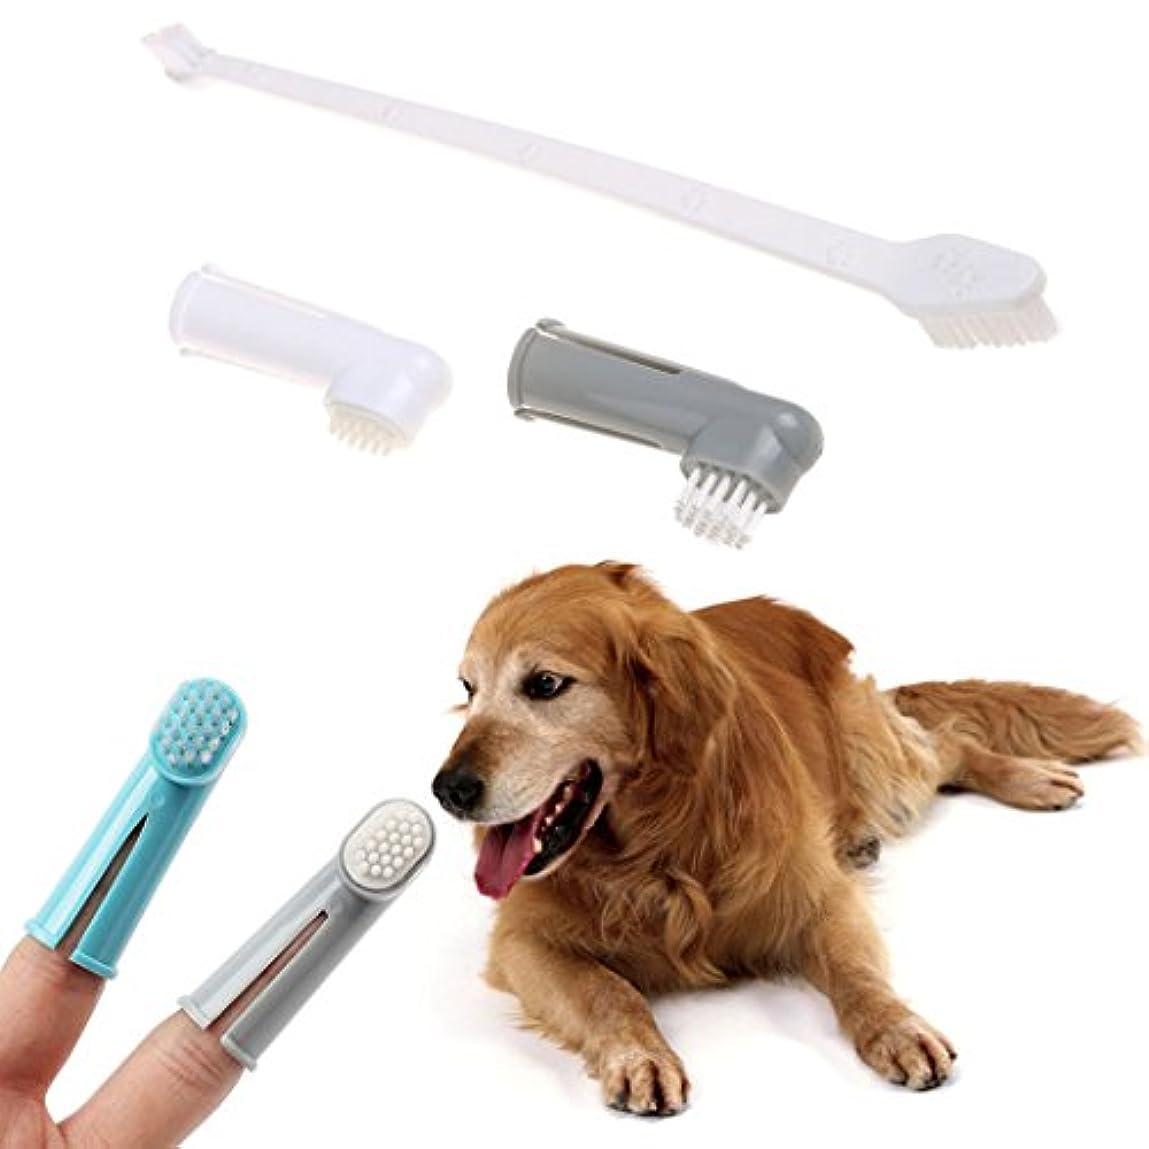 火星スタジオ出撃者Legendog ペットの歯ブラシ 犬用歯ブラシ 指歯 ブラシ 歯磨き ペット歯ケア用品 カラフル 3ピースセット(合計9個)